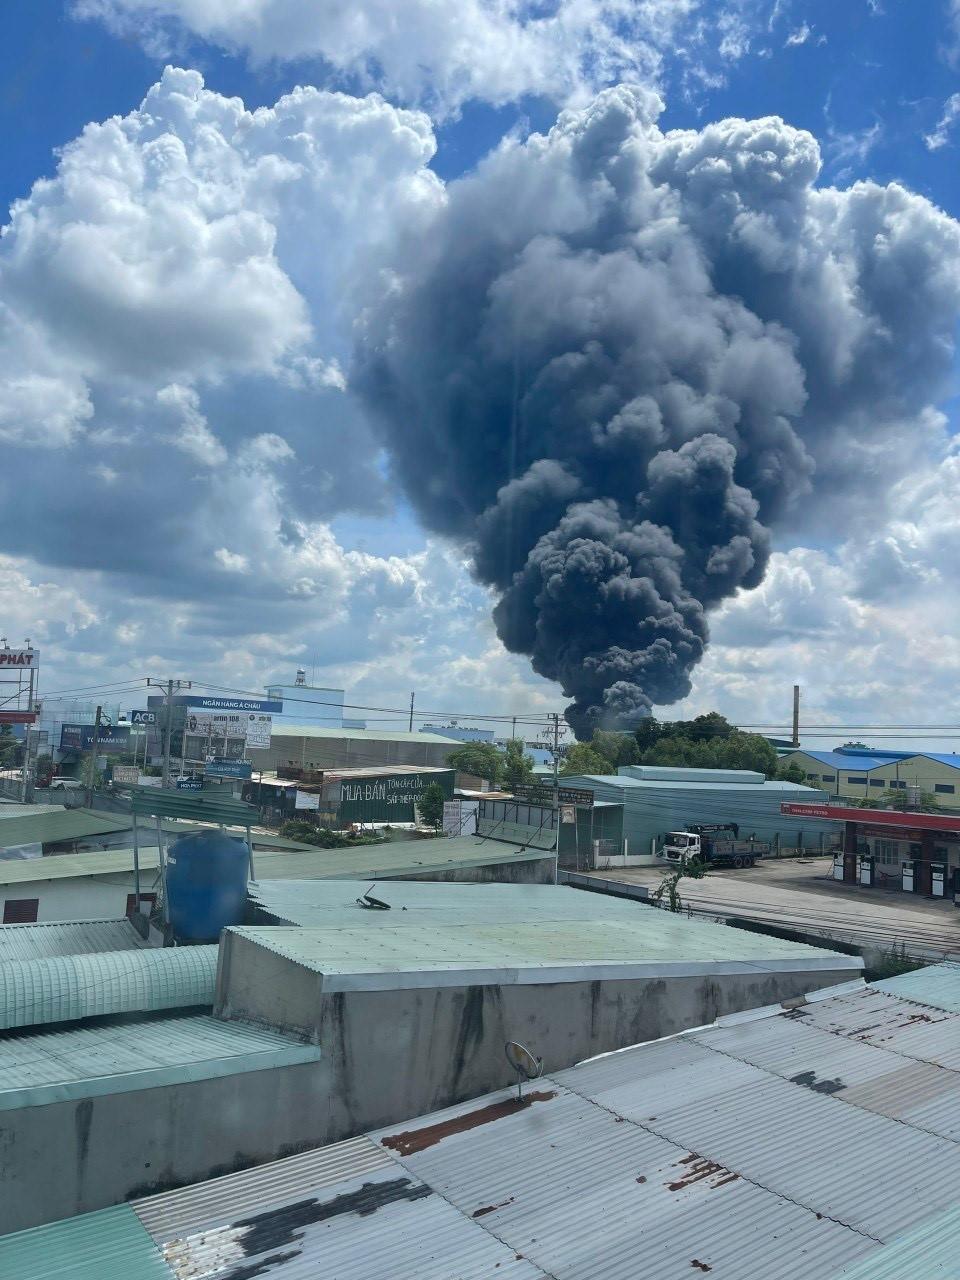 Đang cháy lớn trong khu công nghiệp ở Bình Dương - ảnh 2